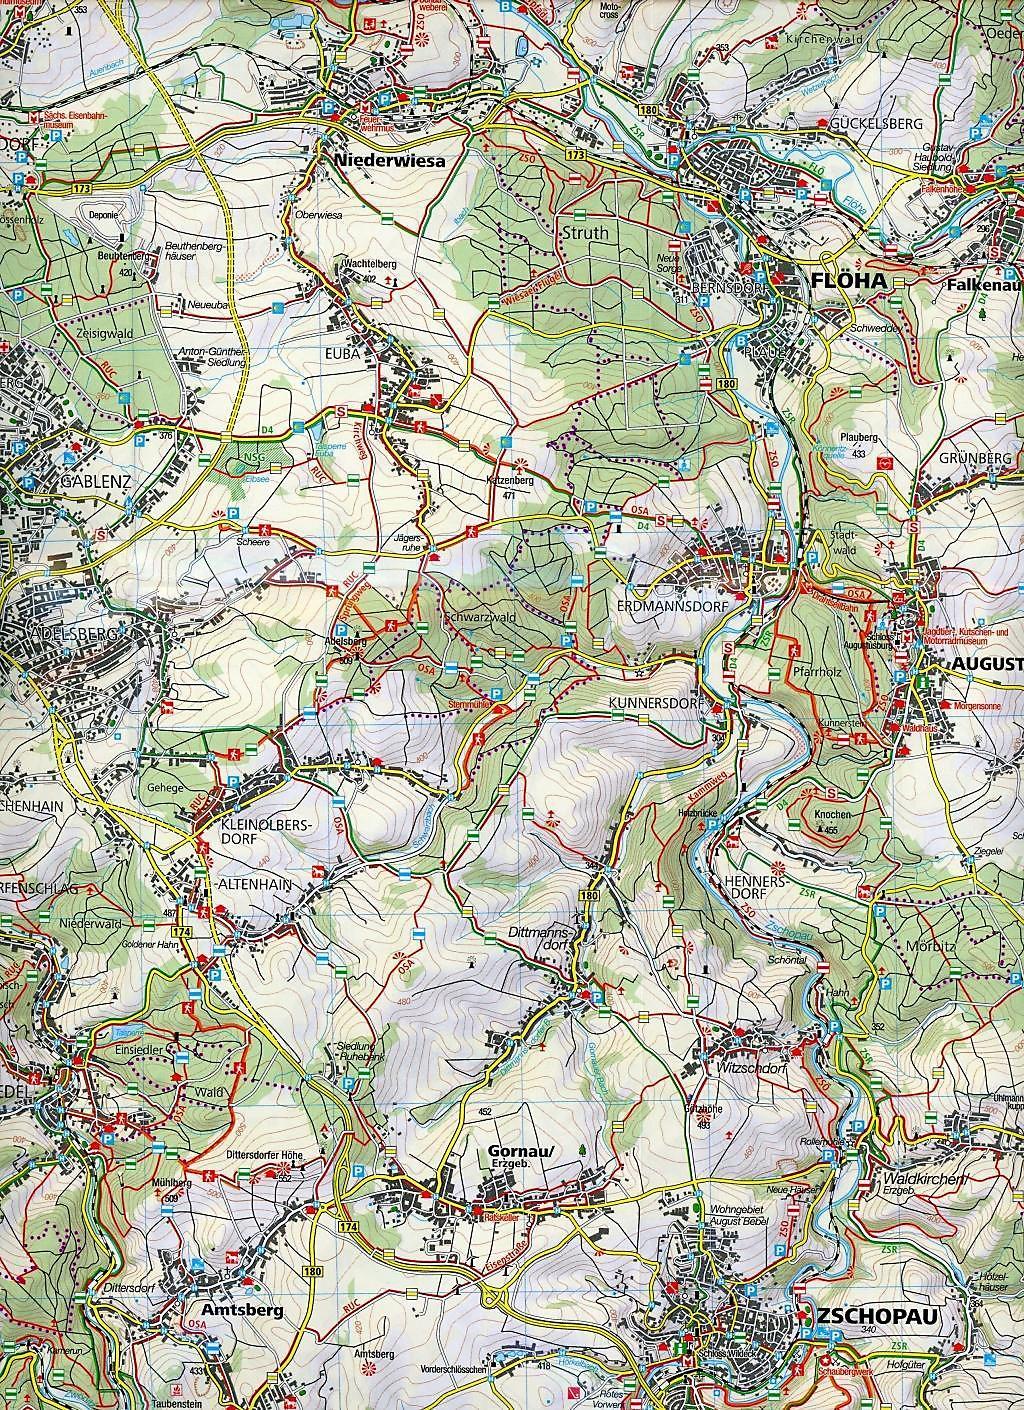 Chemnitz Karte.Kompass Karte Chemnitz Und Umgebung Buch Bestellen Weltbild De